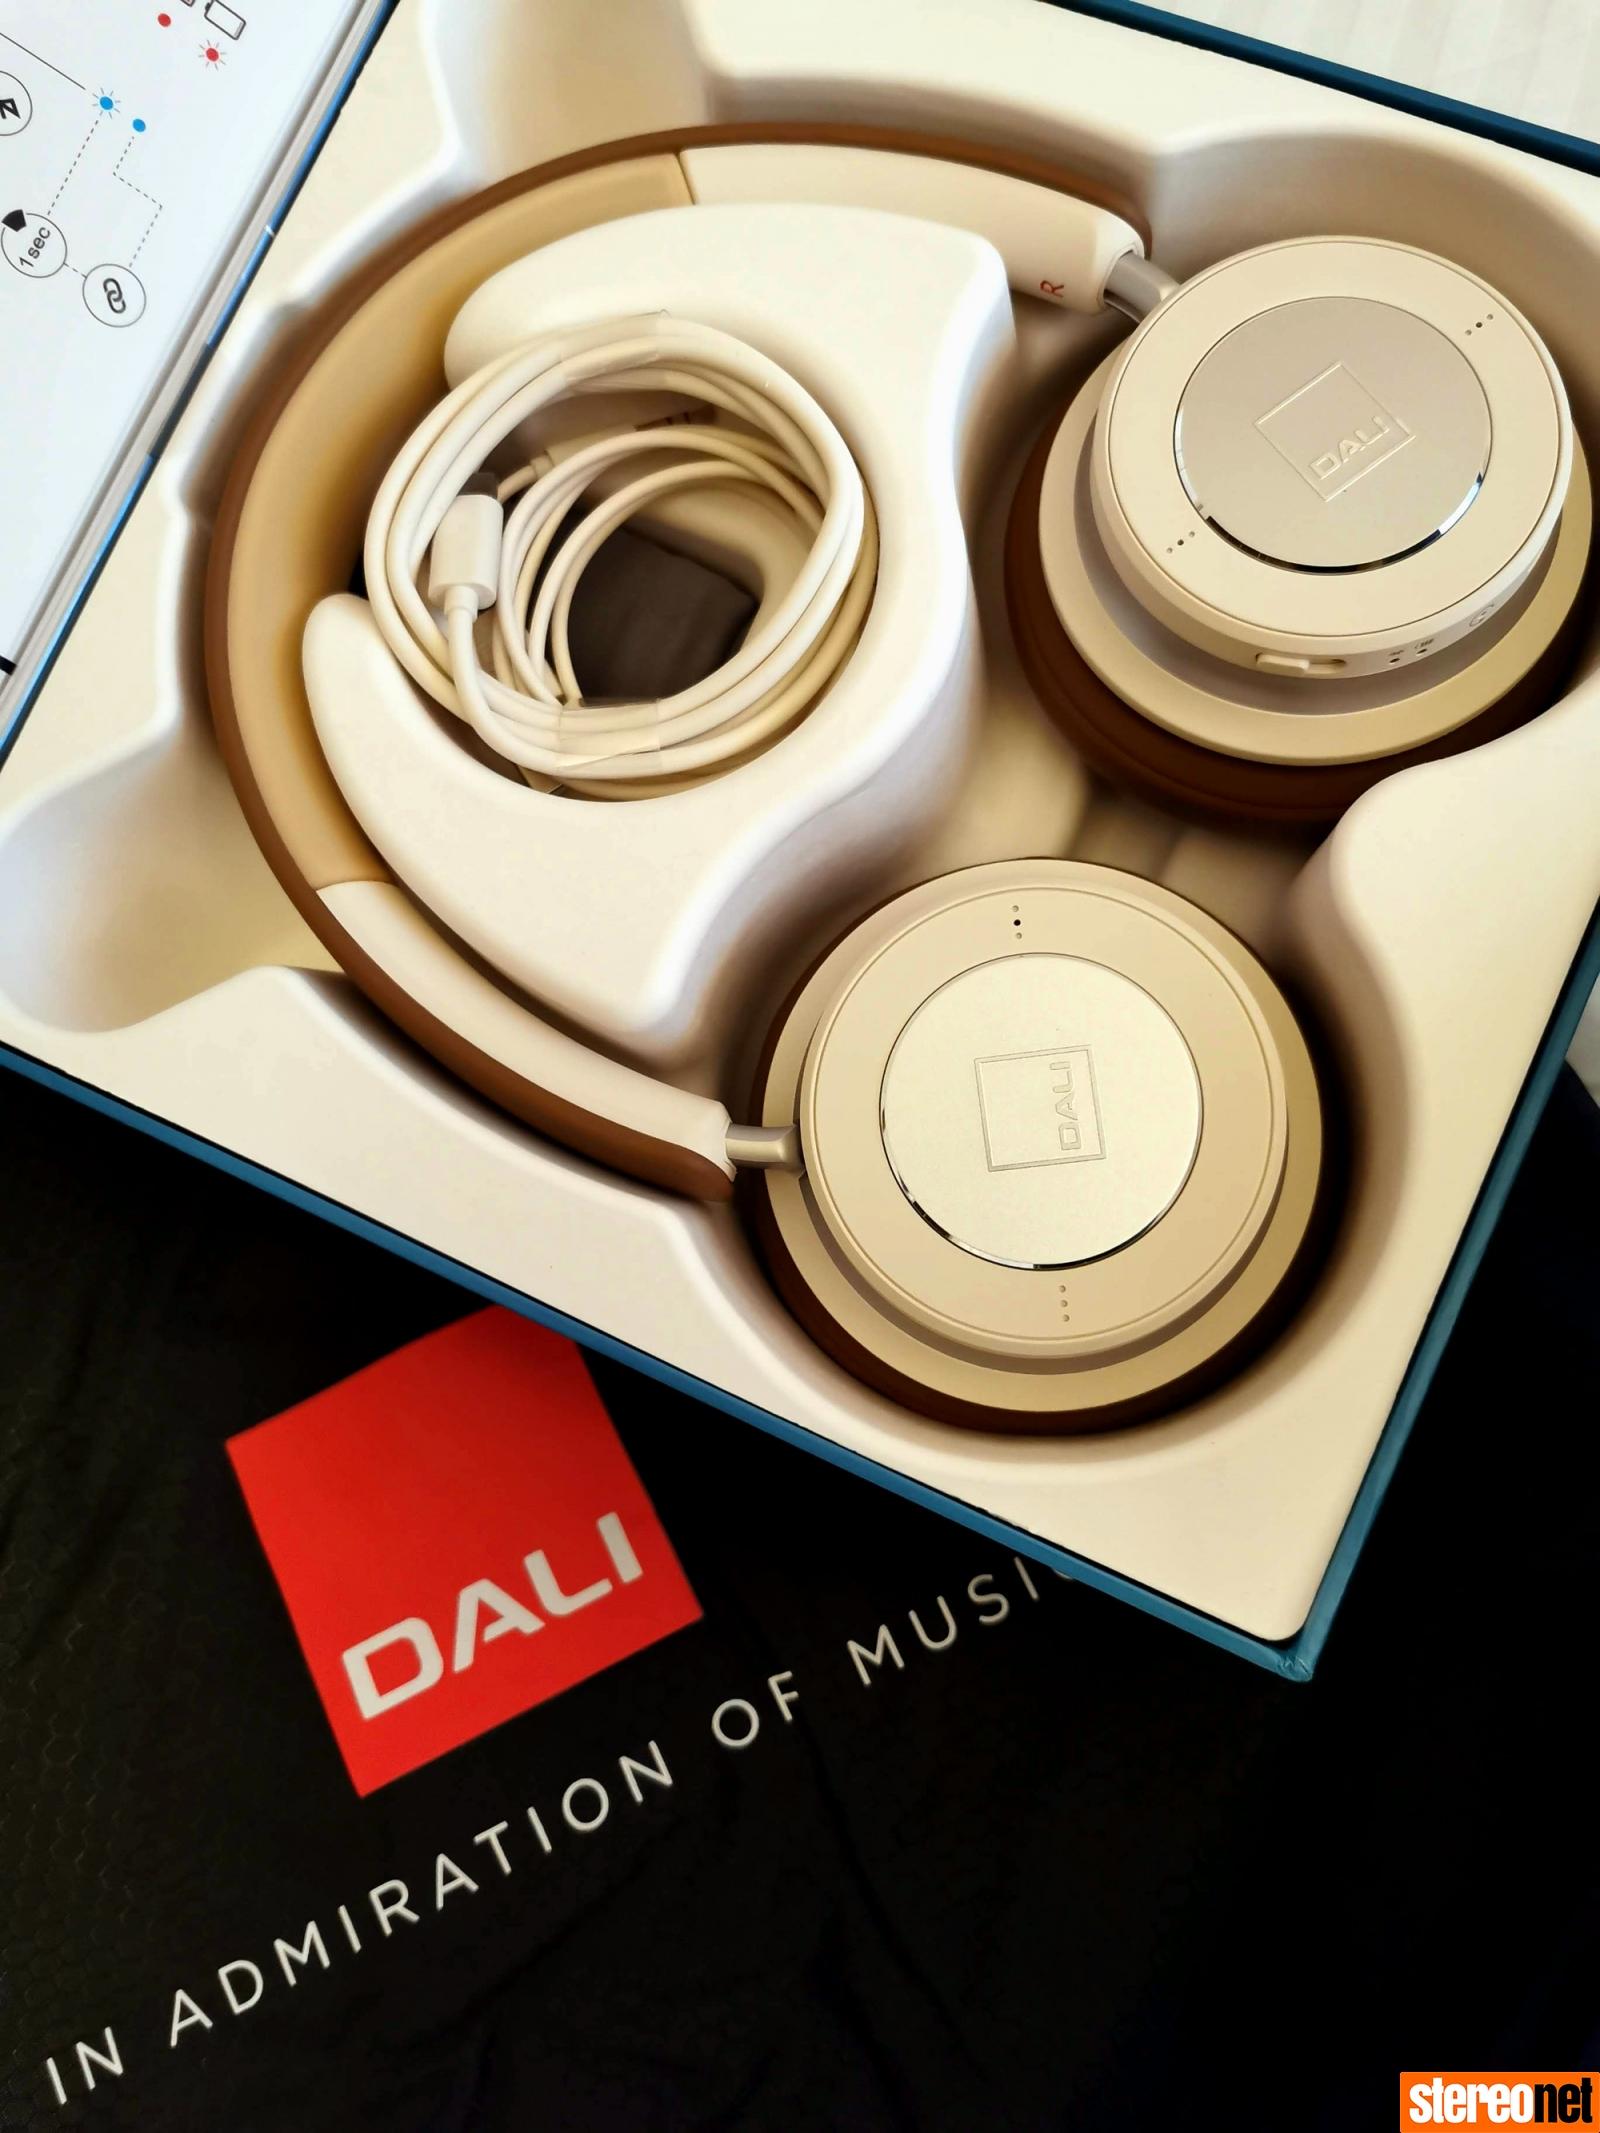 DALI IO4 review